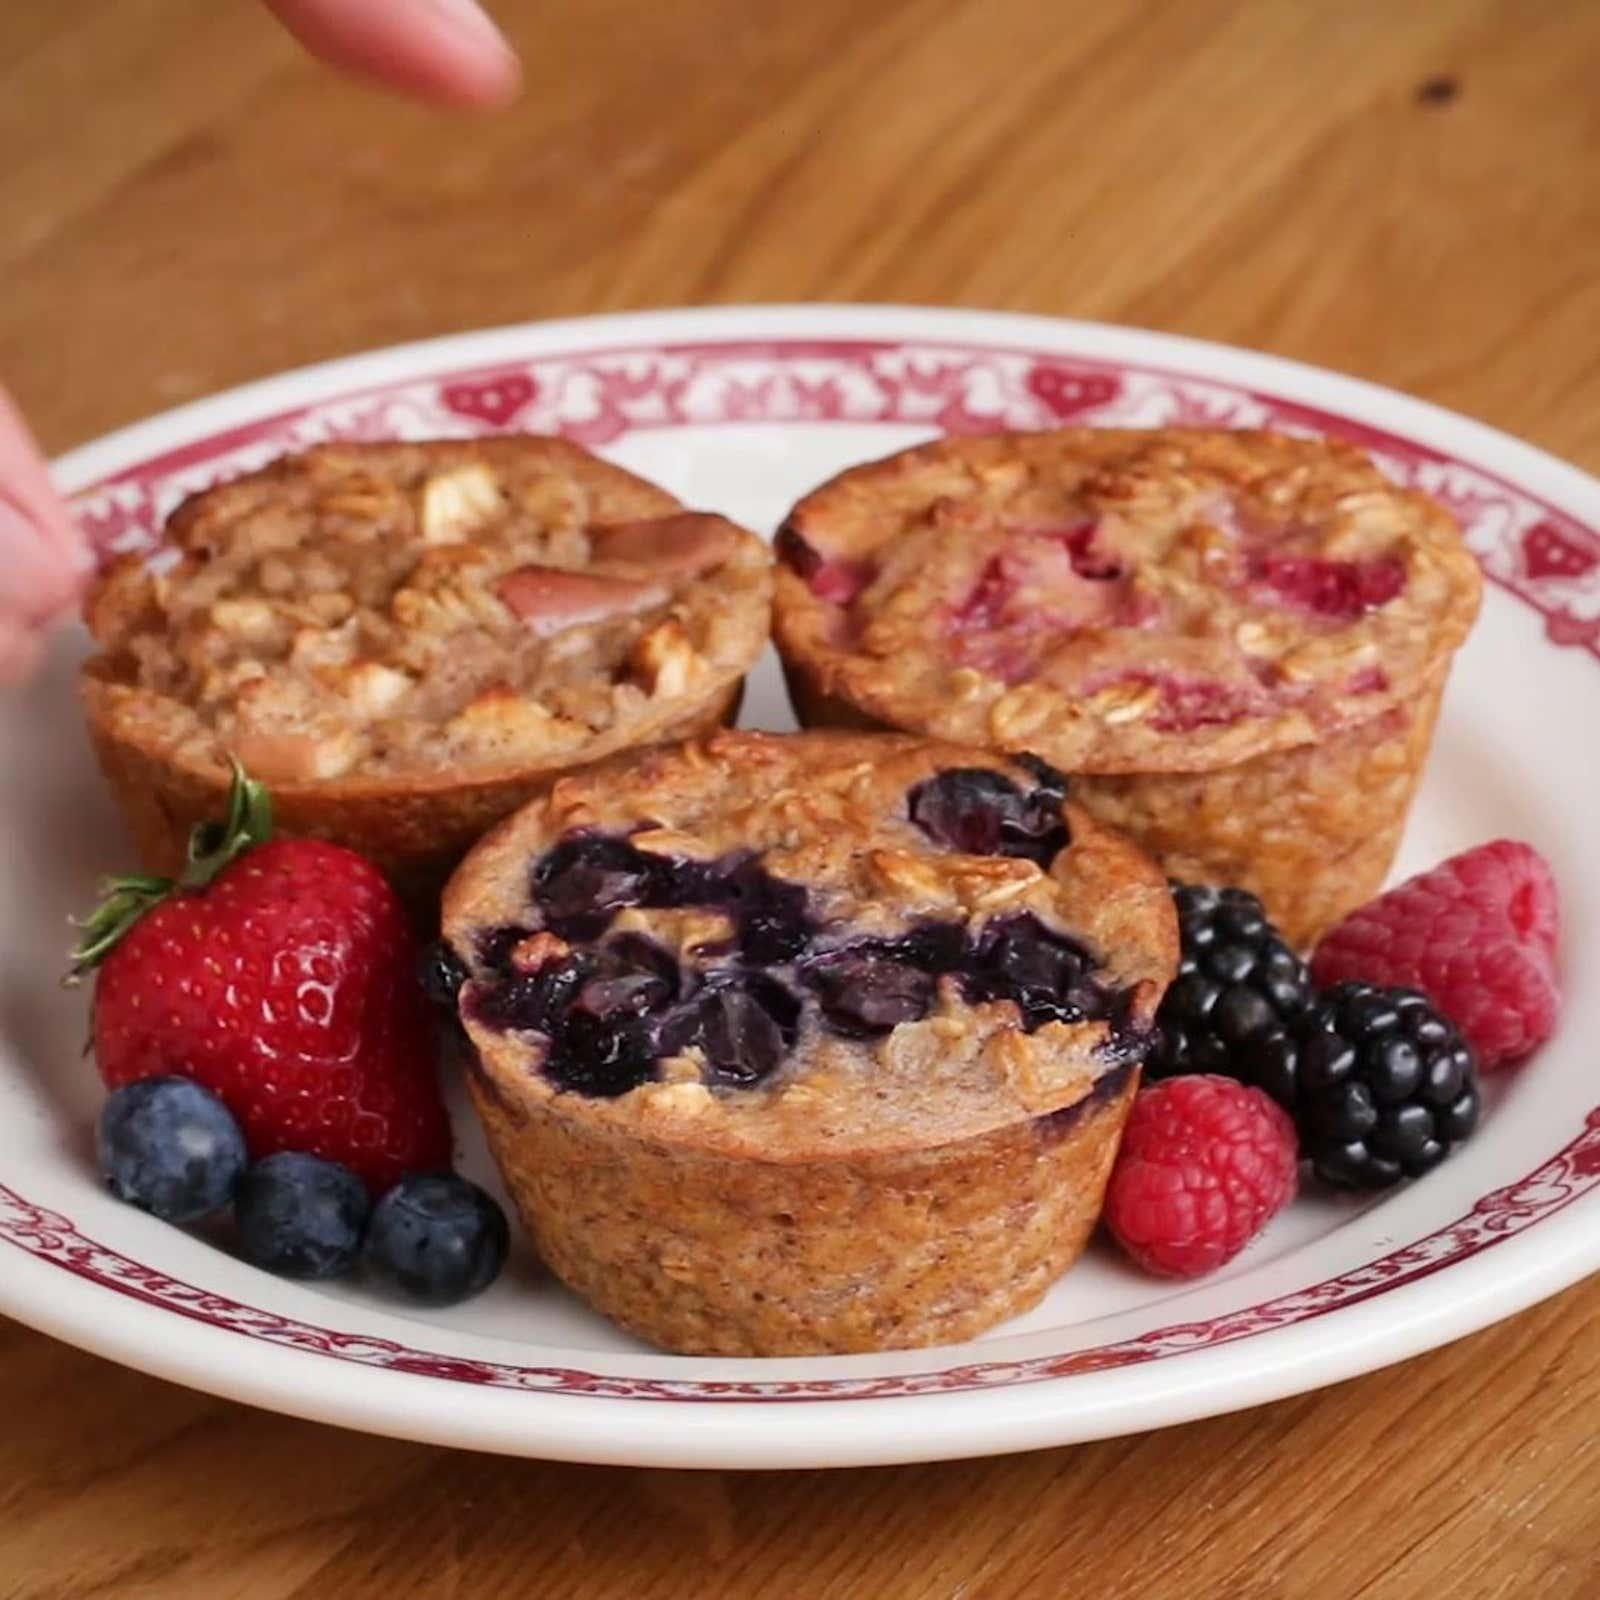 Muffin Tin Banana Oat Muffins